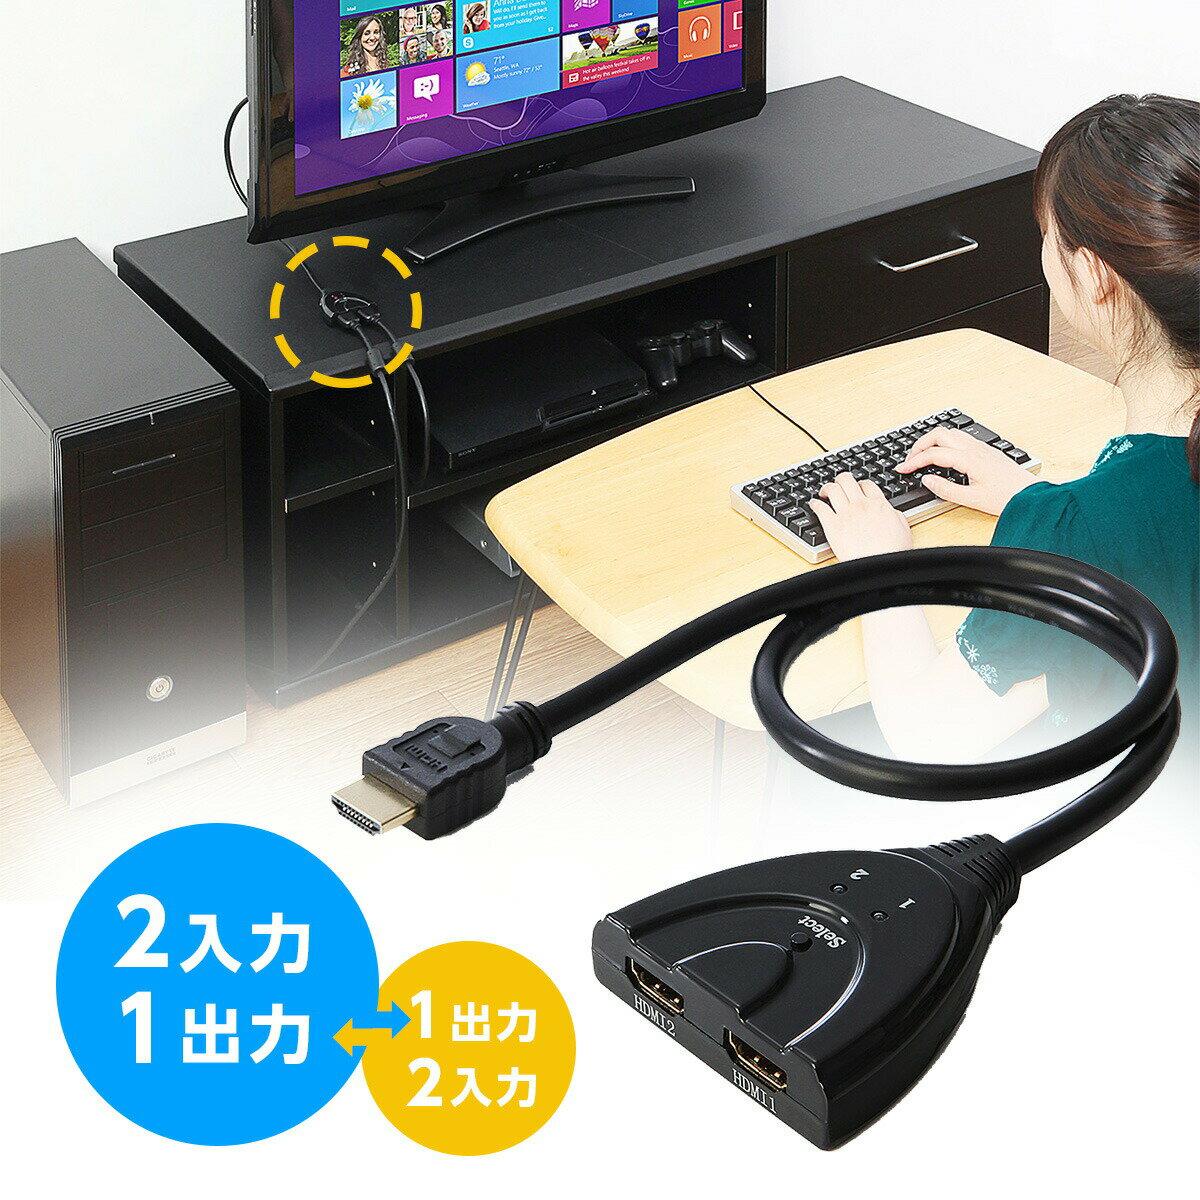 【10月6日値下げしました】HDMI切替器 HDMI セレクター 3回路 2入力×1出力 1入力×2出力 双方向 PS4対応 電源不要 3D・フルHD対応 切替機 [400-SW017]【サンワダイレクト限定品】